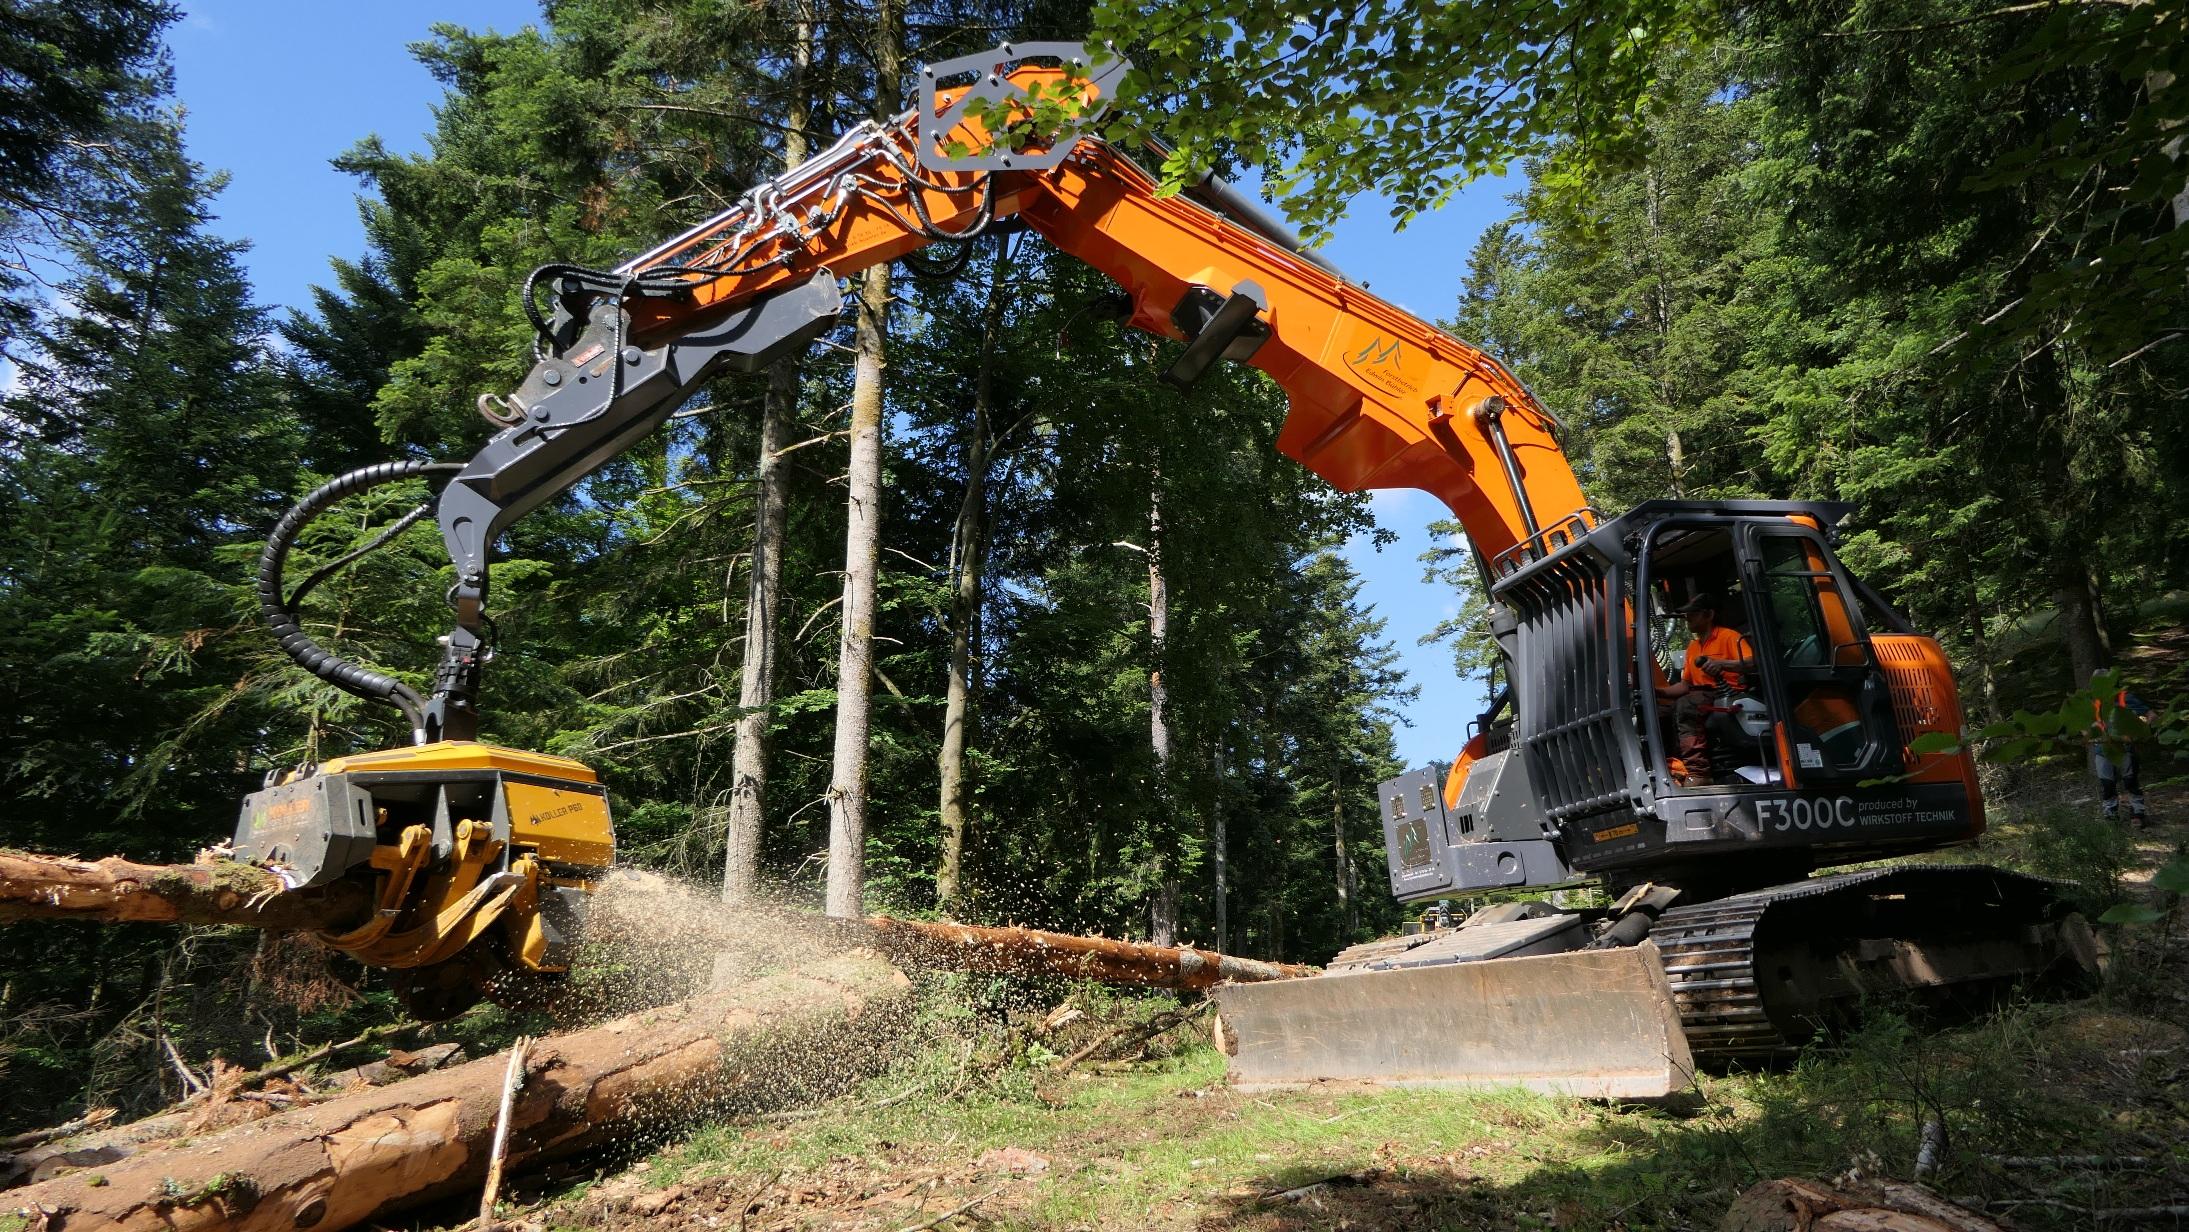 Excavatoarele Doosan, extrem de manevrabil pentru lucrările forestiere